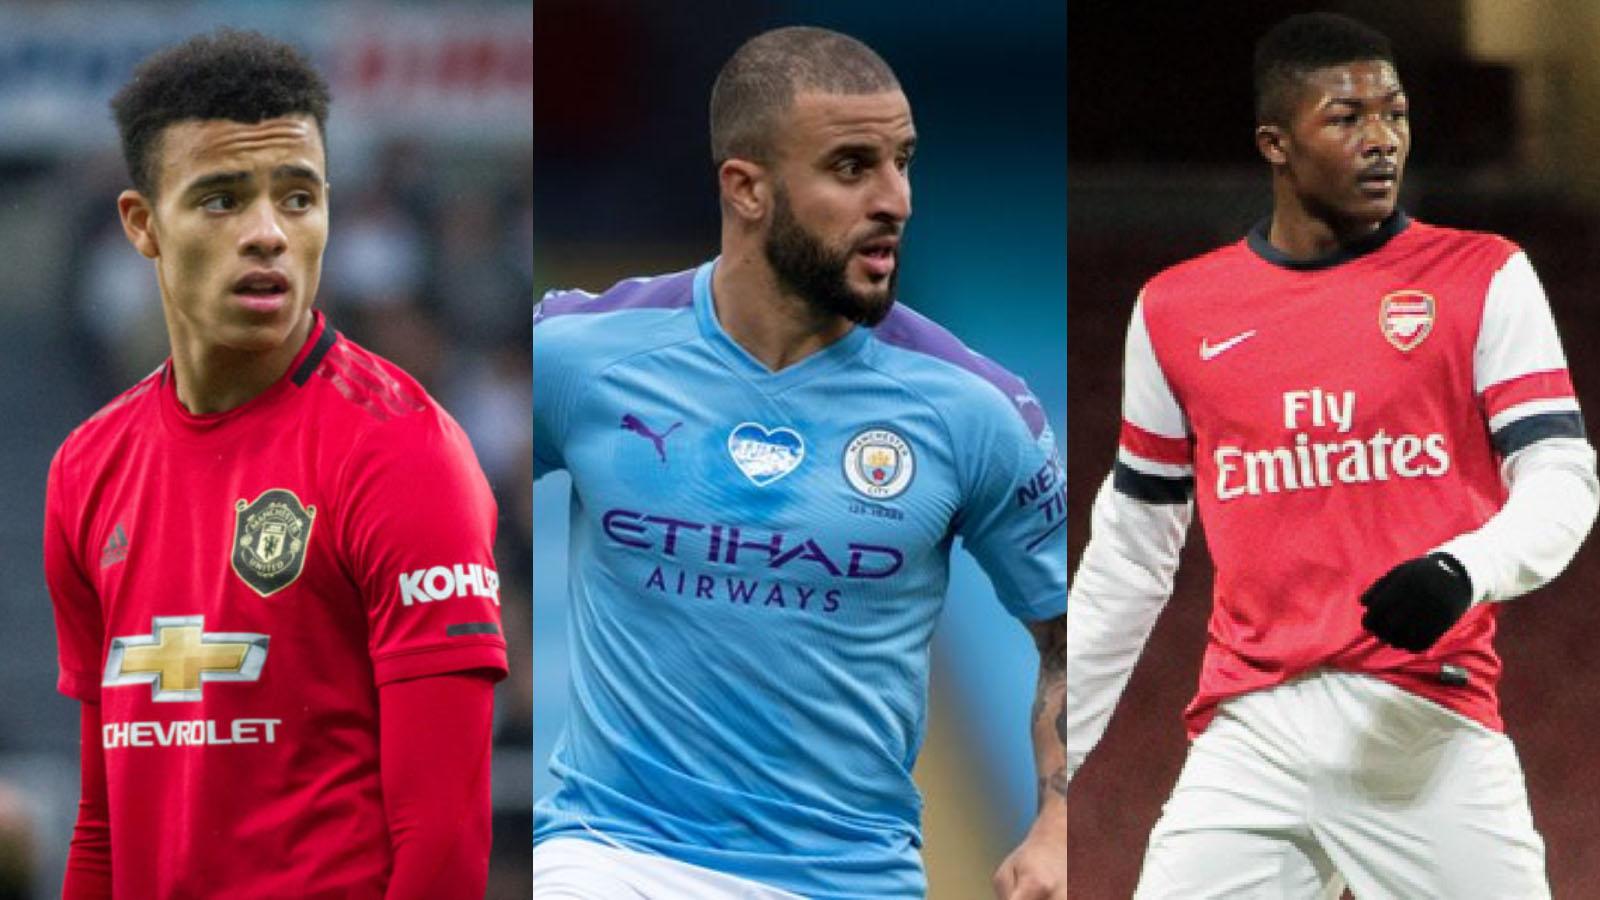 Top 10 cầu thủ chạy nhanh nhất ngoại hạng Anh thích lựa chọn các dòng giày nhẹ và hỗ trợ tăng tốc